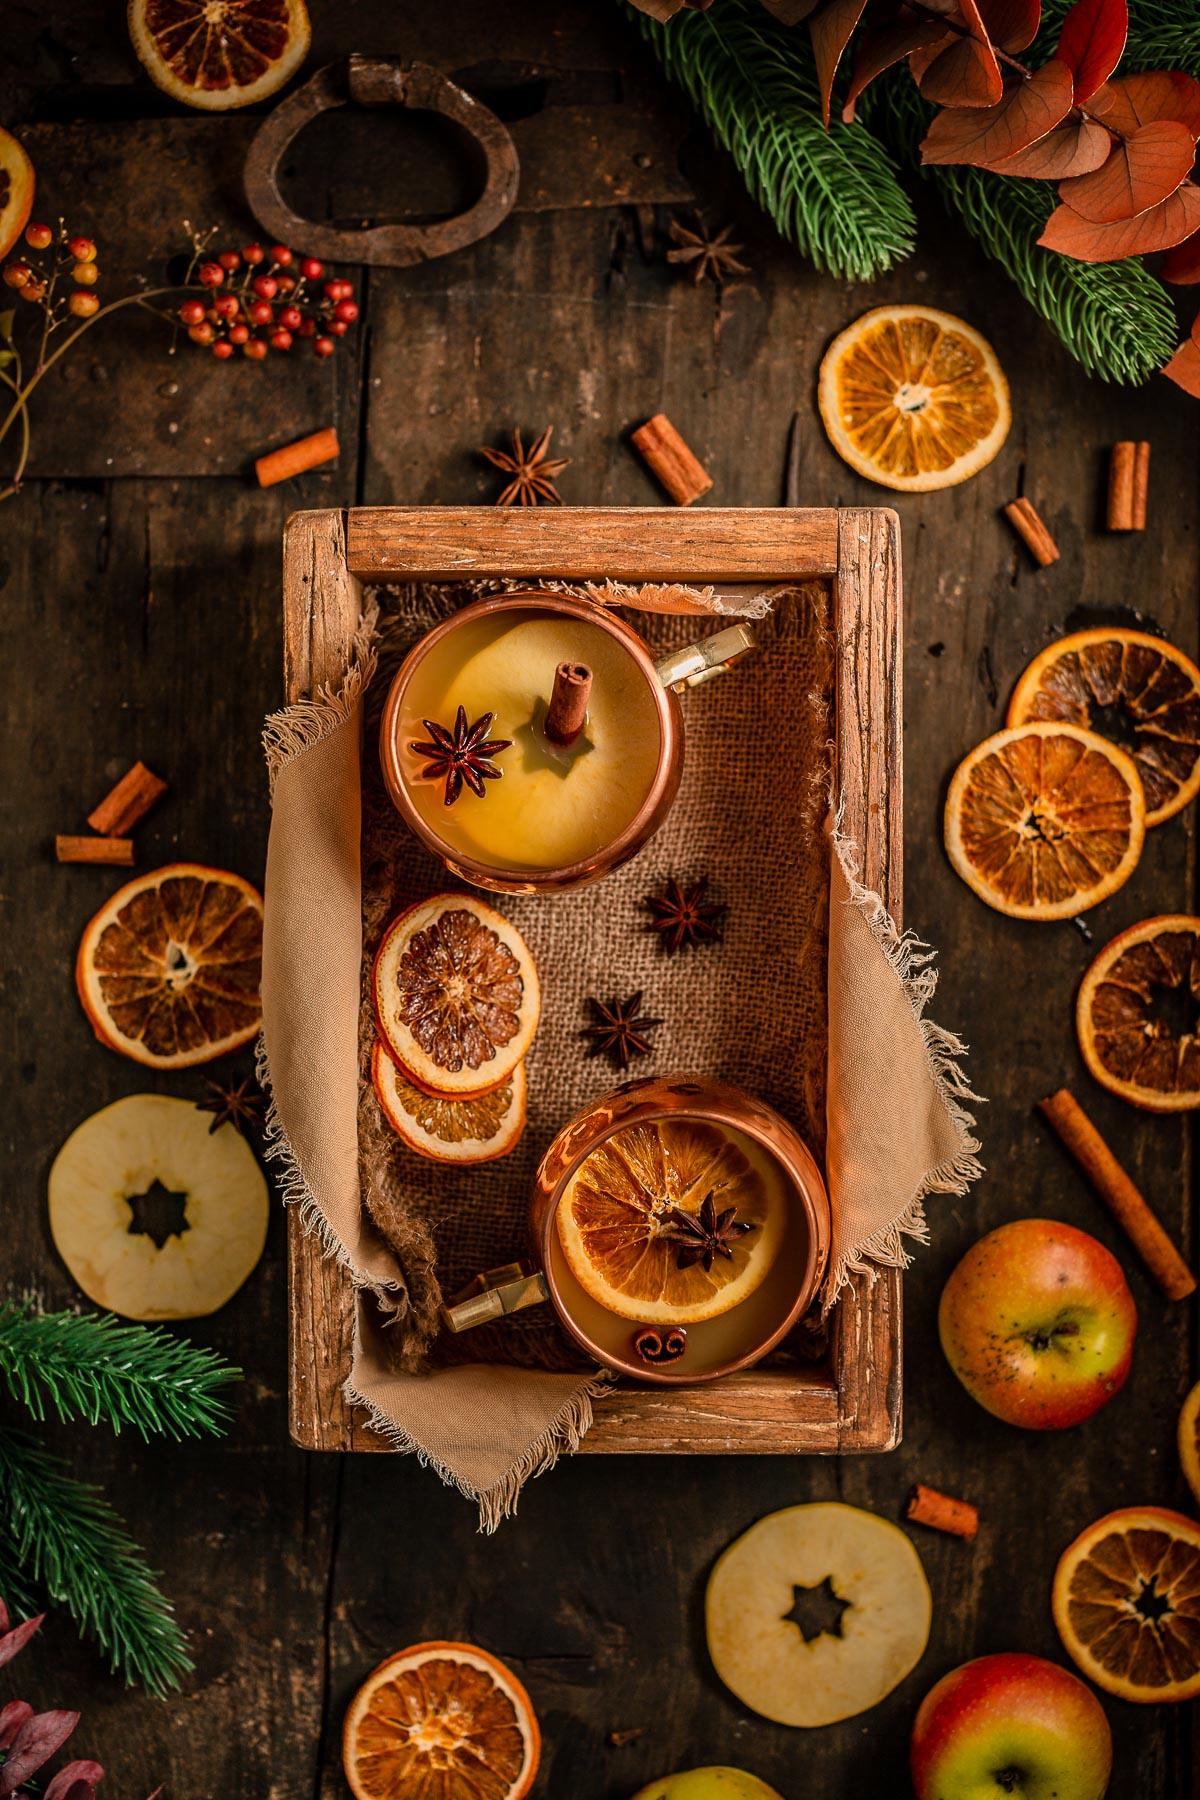 Christmas sugar-free APPLE MULLED WINE recipe ricetta BRULÈ di mele fatto in casa analcolico senza zucchero Mercatini di Natale Apfelglühwein #vegan non alcoholic